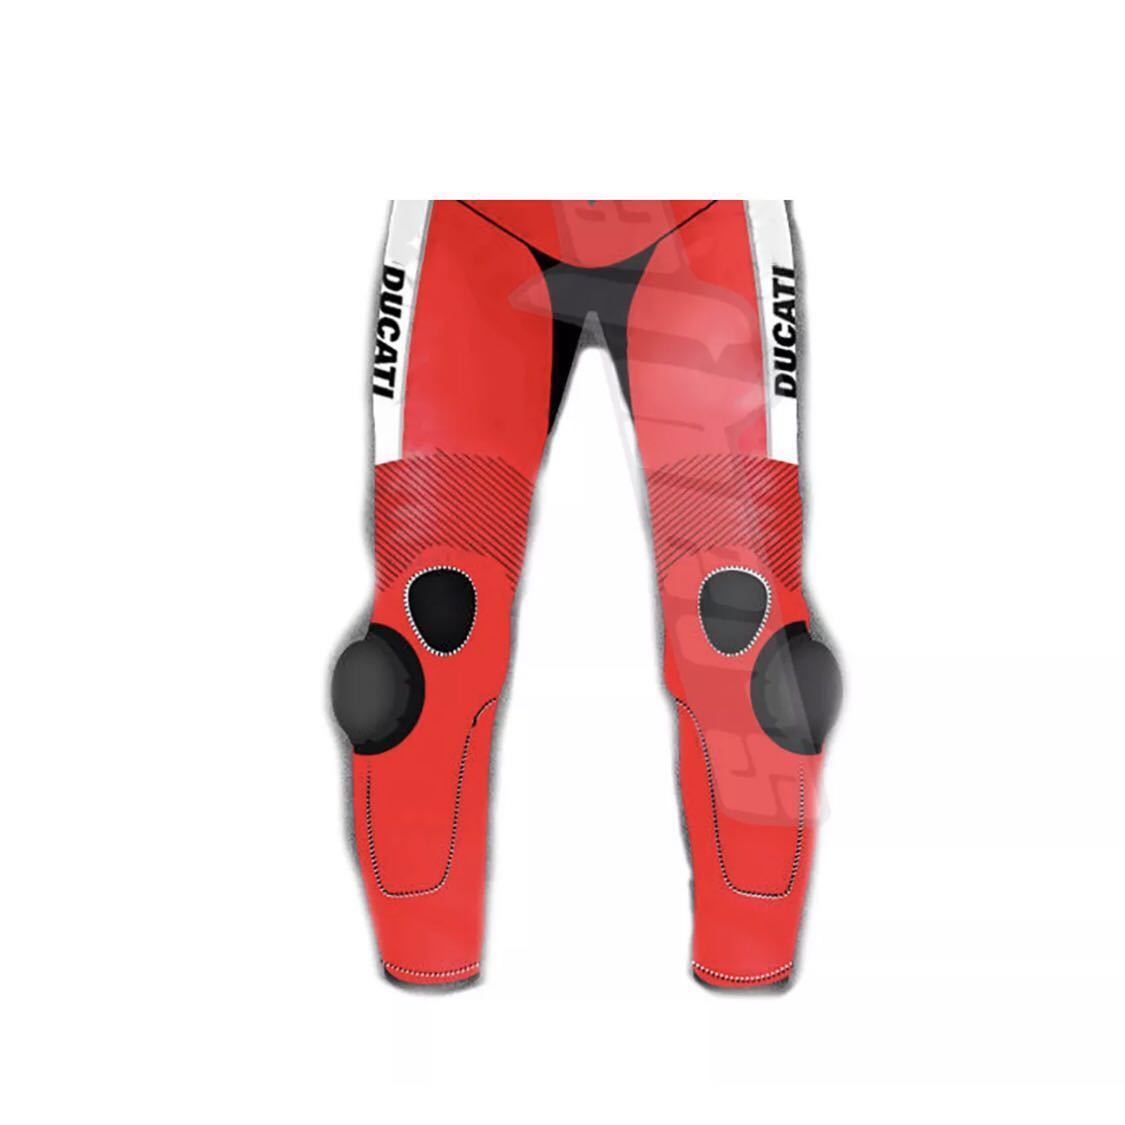 ドゥカティ DUACTI レーシングスーツ 革ツナギ ワンピース レザースーツ 各サイズ_画像3